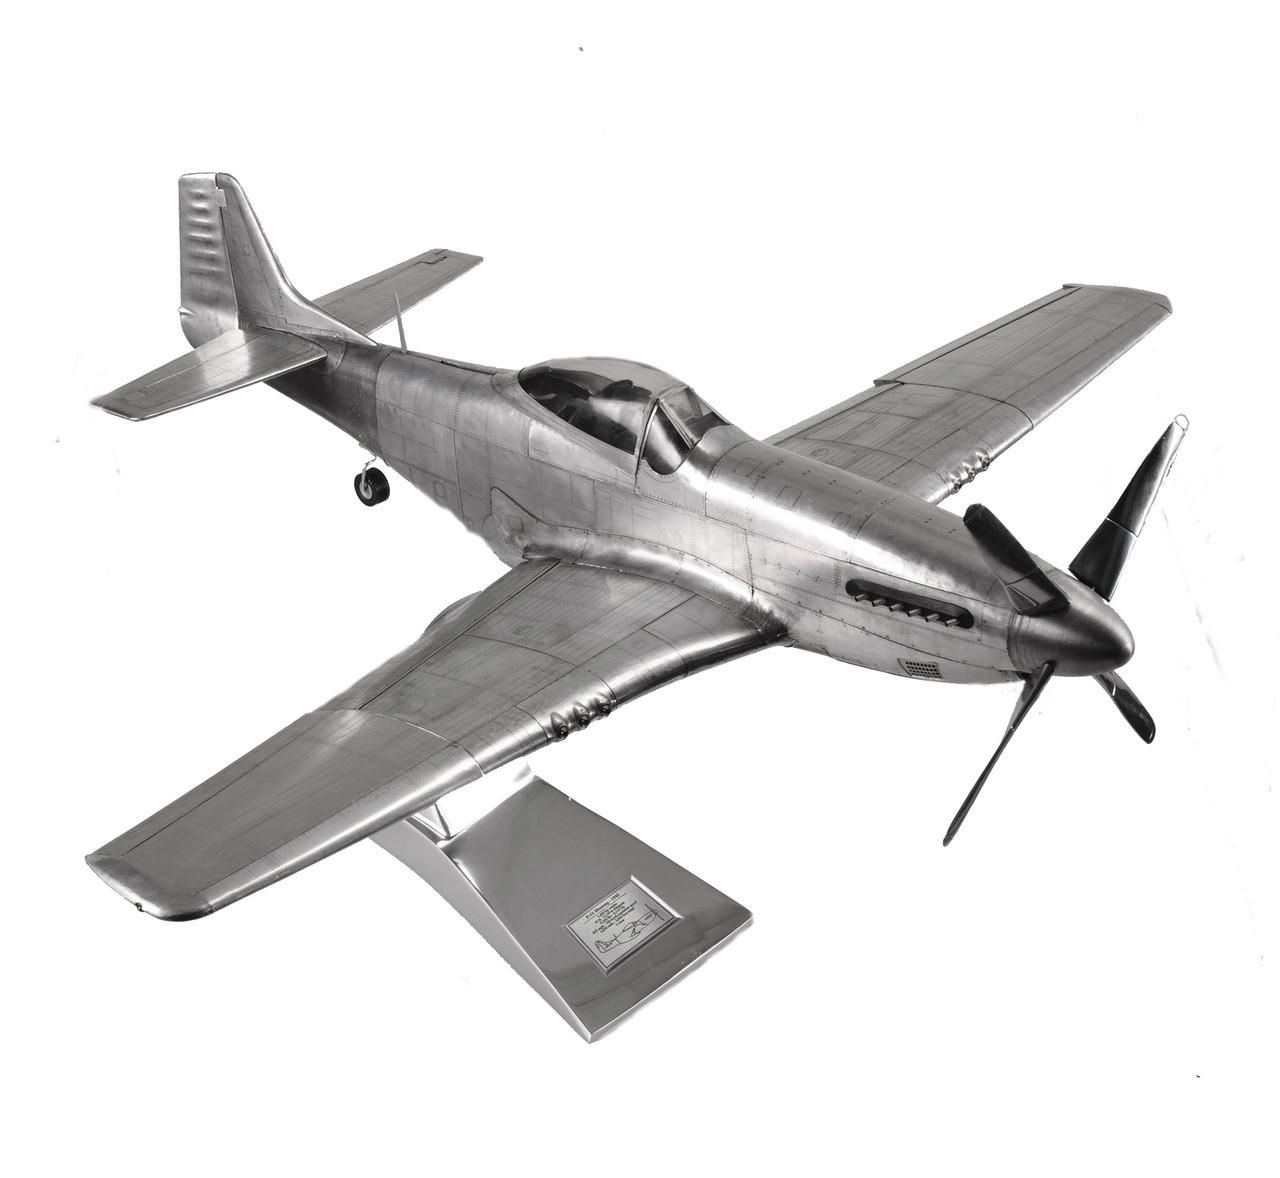 North American P 51 Mustang Aluminum Airplane Model 26